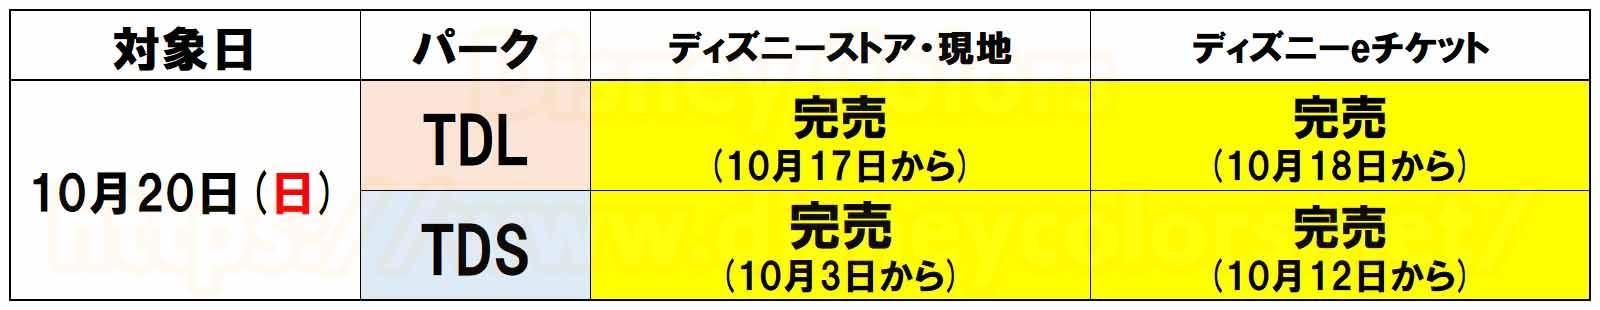 2019年10月20日 東京ディズニーランド 東京ディズニーシー 前売券完売